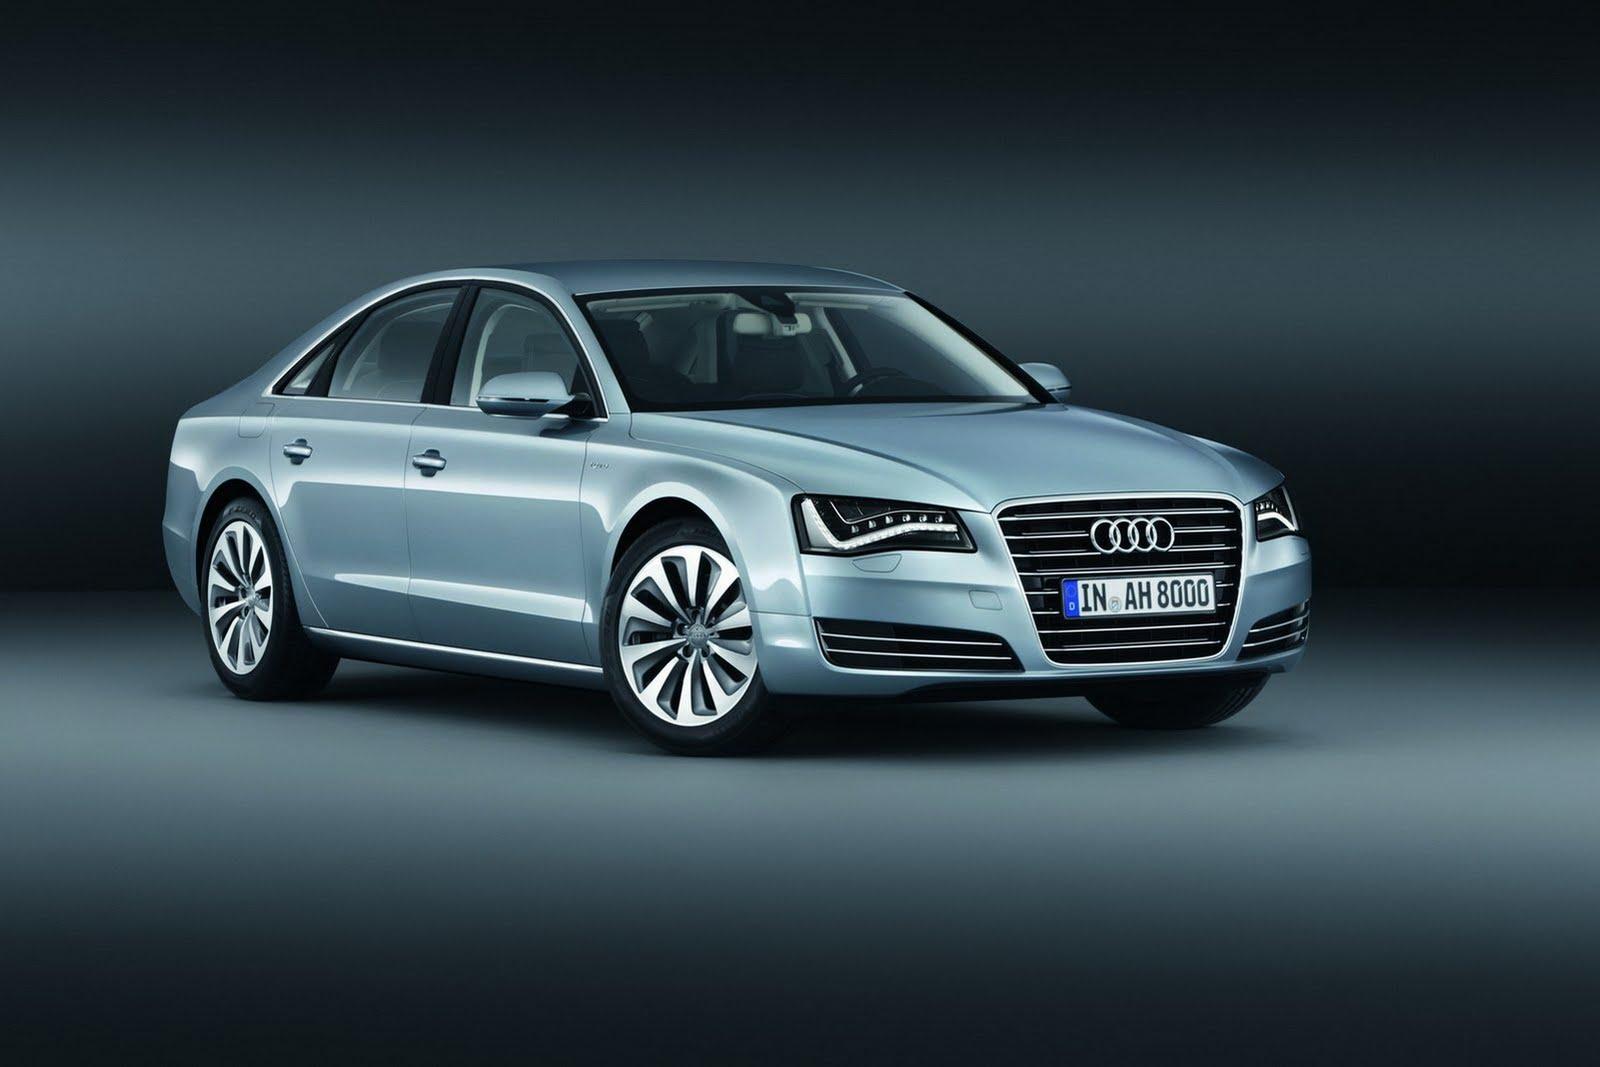 Audi (lat., gehorche!) A8 (Adolf Hitler). Die '8' steht für den achten Buchstaben im Alphabet. Diese Wortspielereien sind bei den Neonazis (Verfassungsschutz) sehr beliebt